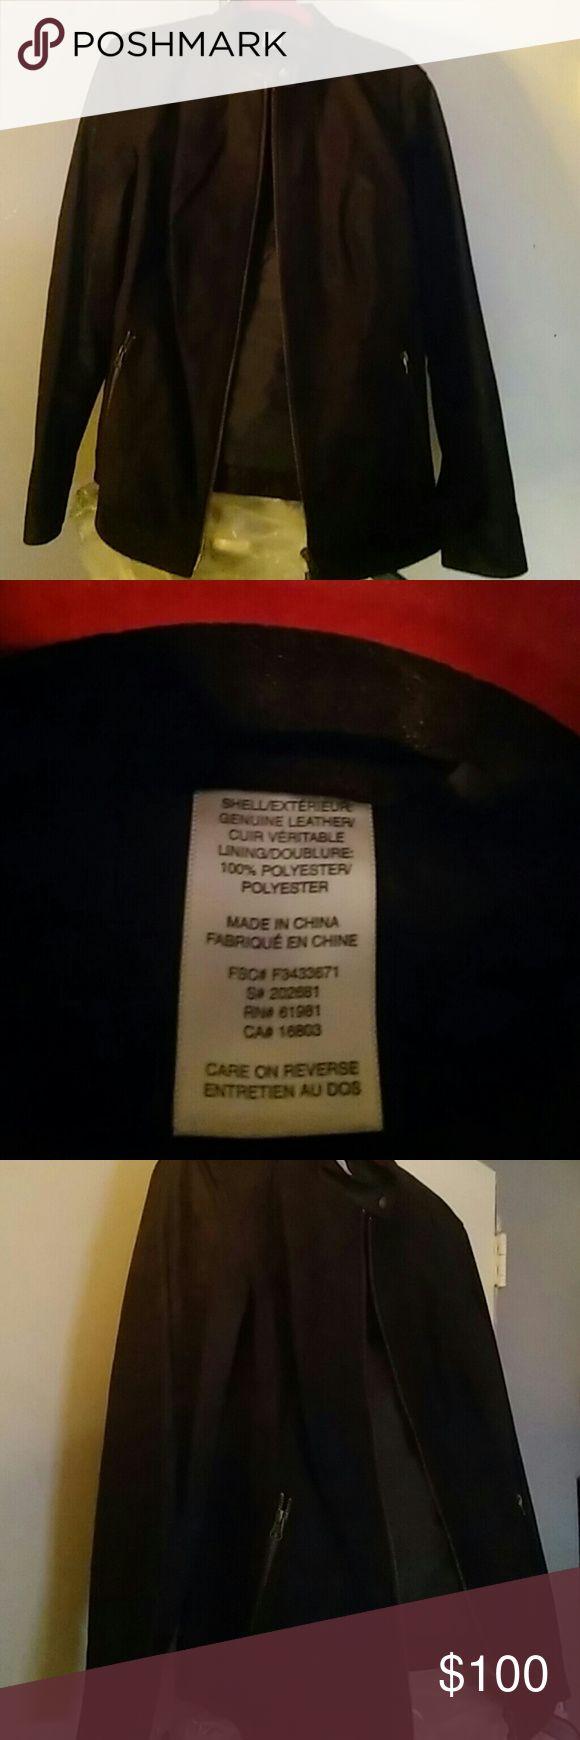 Leather swade jaket Beautiful leather/swade jacket chic Jackets & Coats